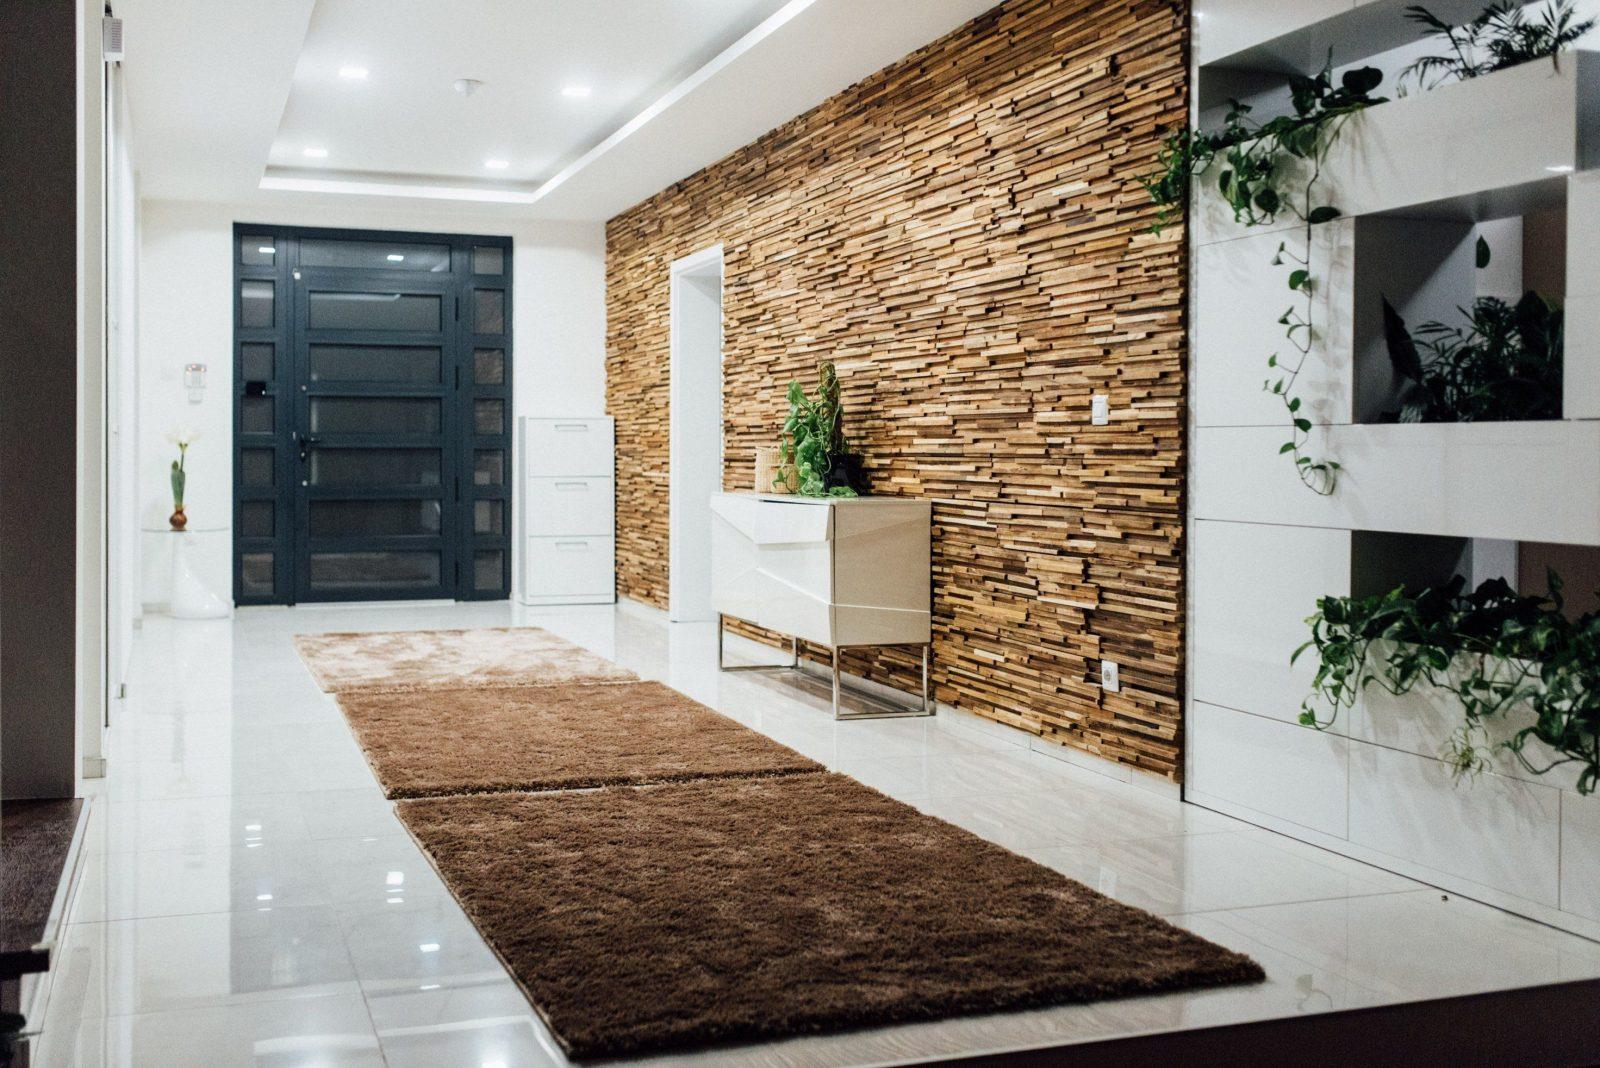 Wandverkleidung Holz Innen Xg18 – Hitoiro von Wandverkleidung Aus Holz Innen Bild